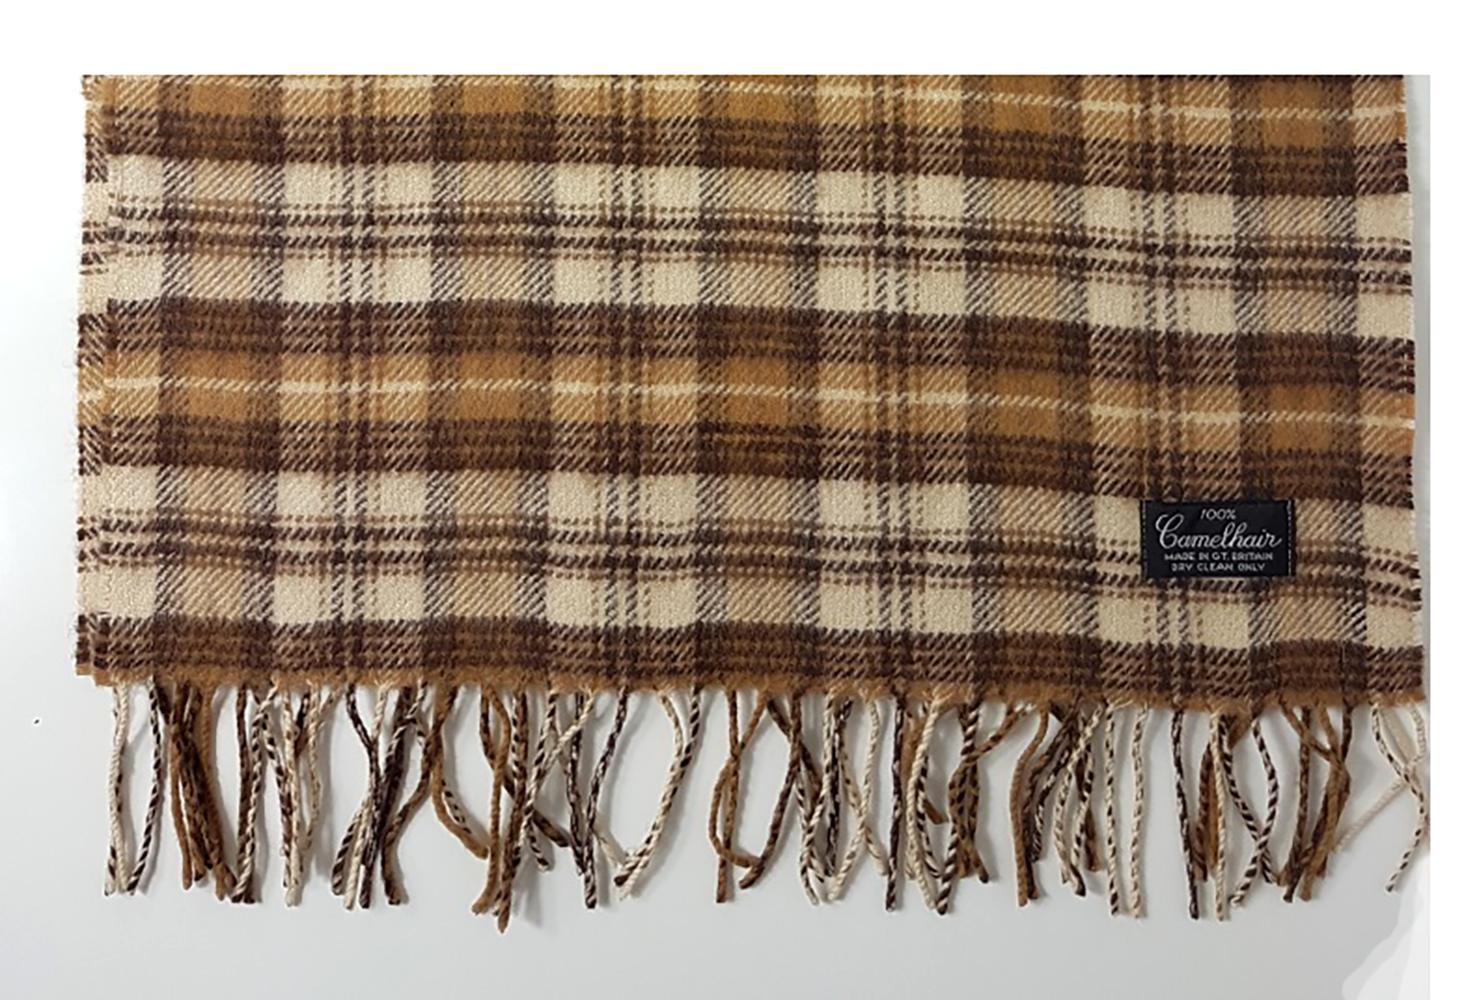 6b070d5d7 Westaway camelhair scarf